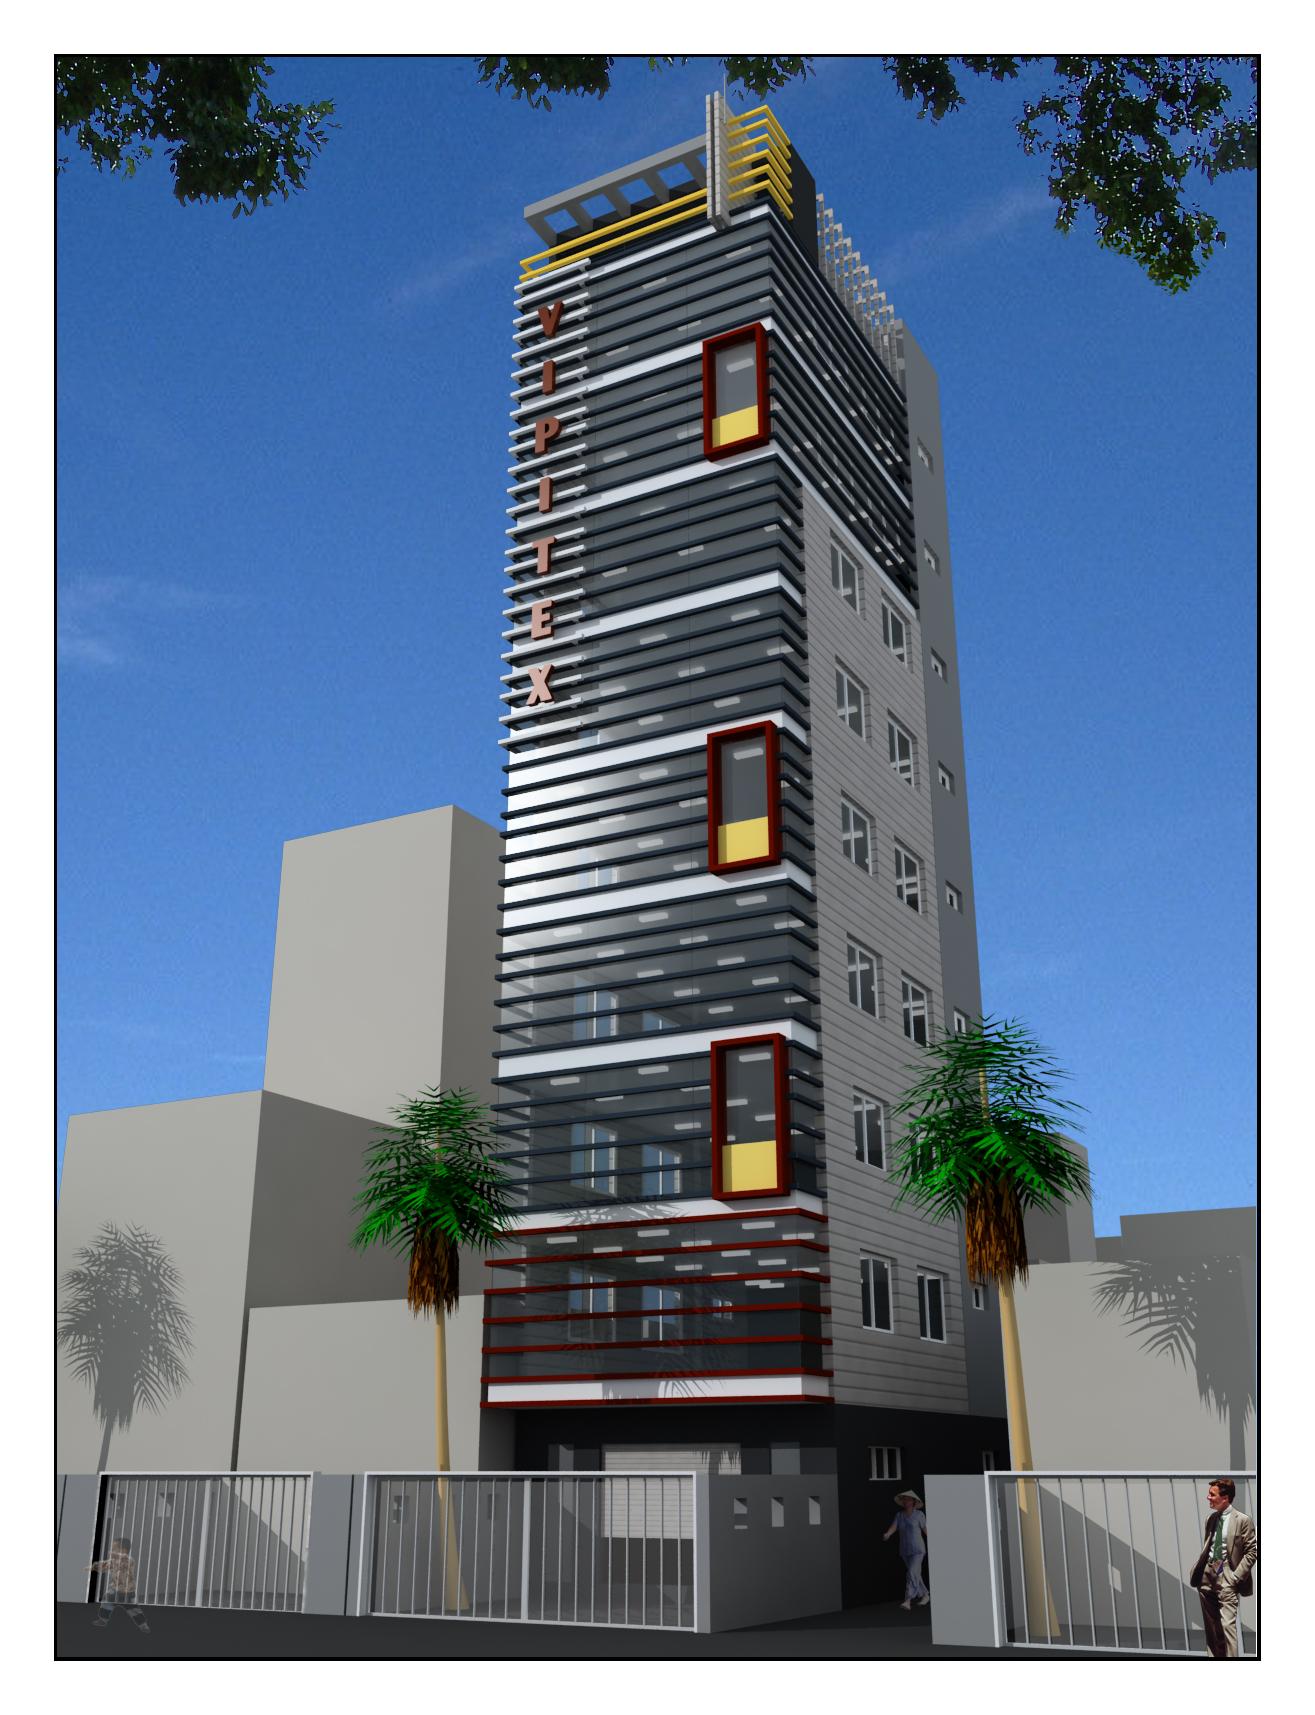 Tòa Nhà văn phòng cho thuê 9 tầng đẹp